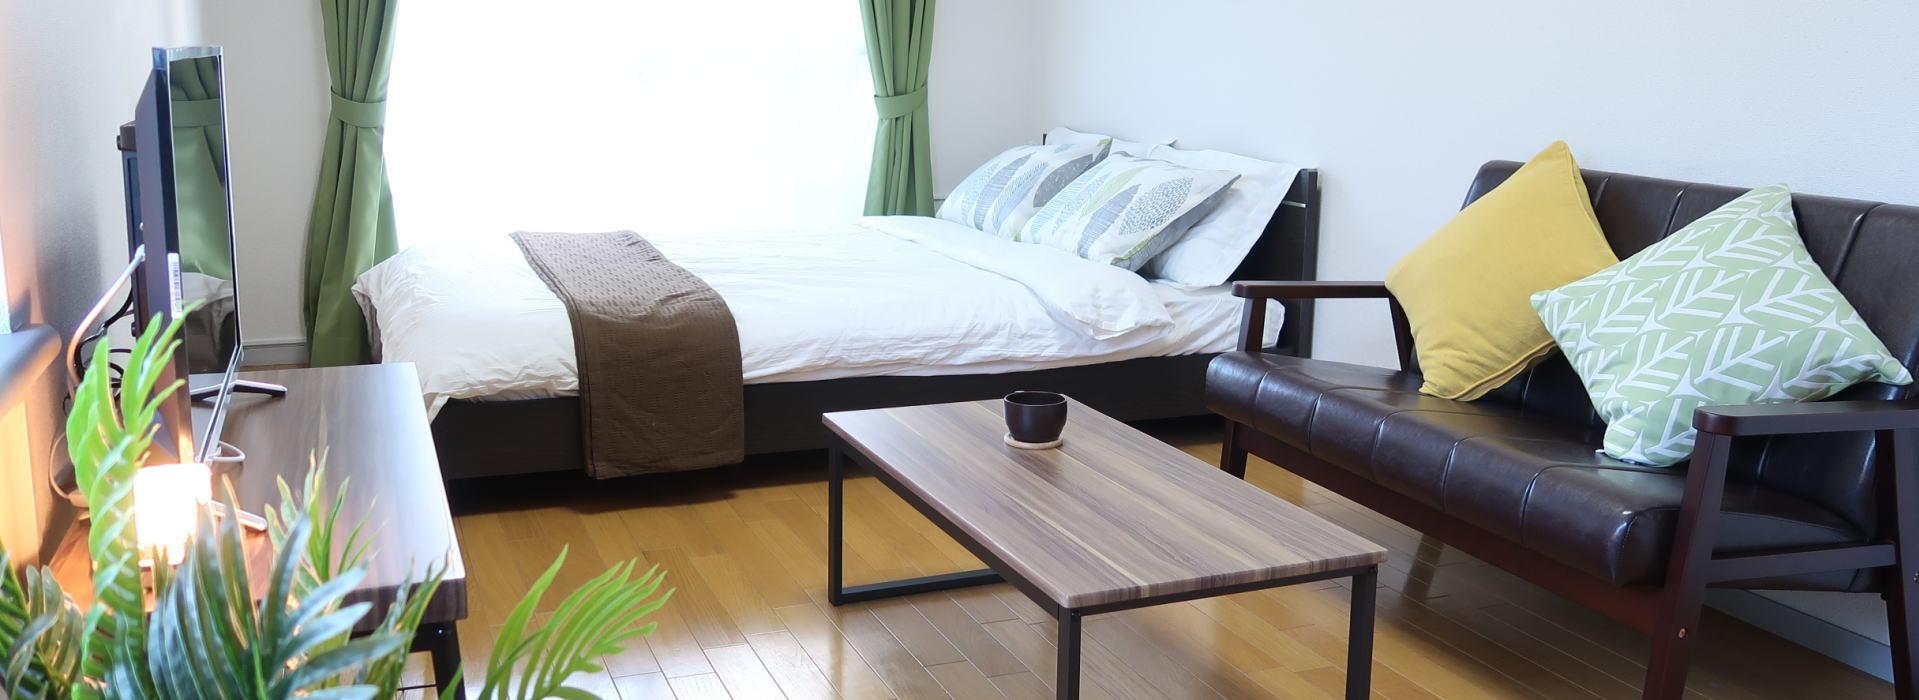 神奈川県小田原市・厚木市でウィークリー、マンスリーマンションを運用しています。 法人の研修や出張、個人旅行に便利な家具家電付。